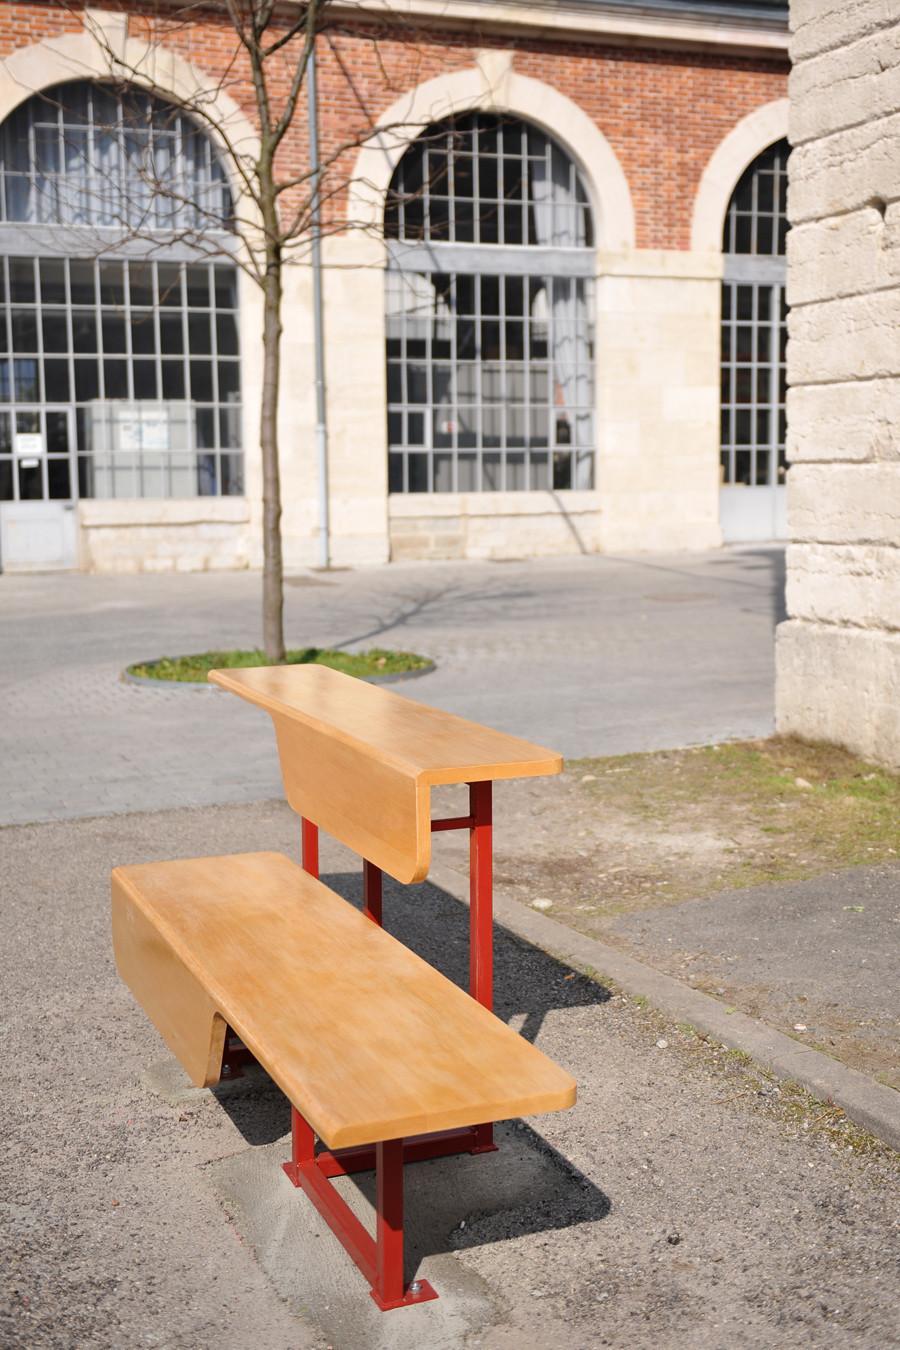 Banc d 39 essai un test grandeur nature dans toute la ville site intern - La cite du design a saint etienne fait peau neuve ...